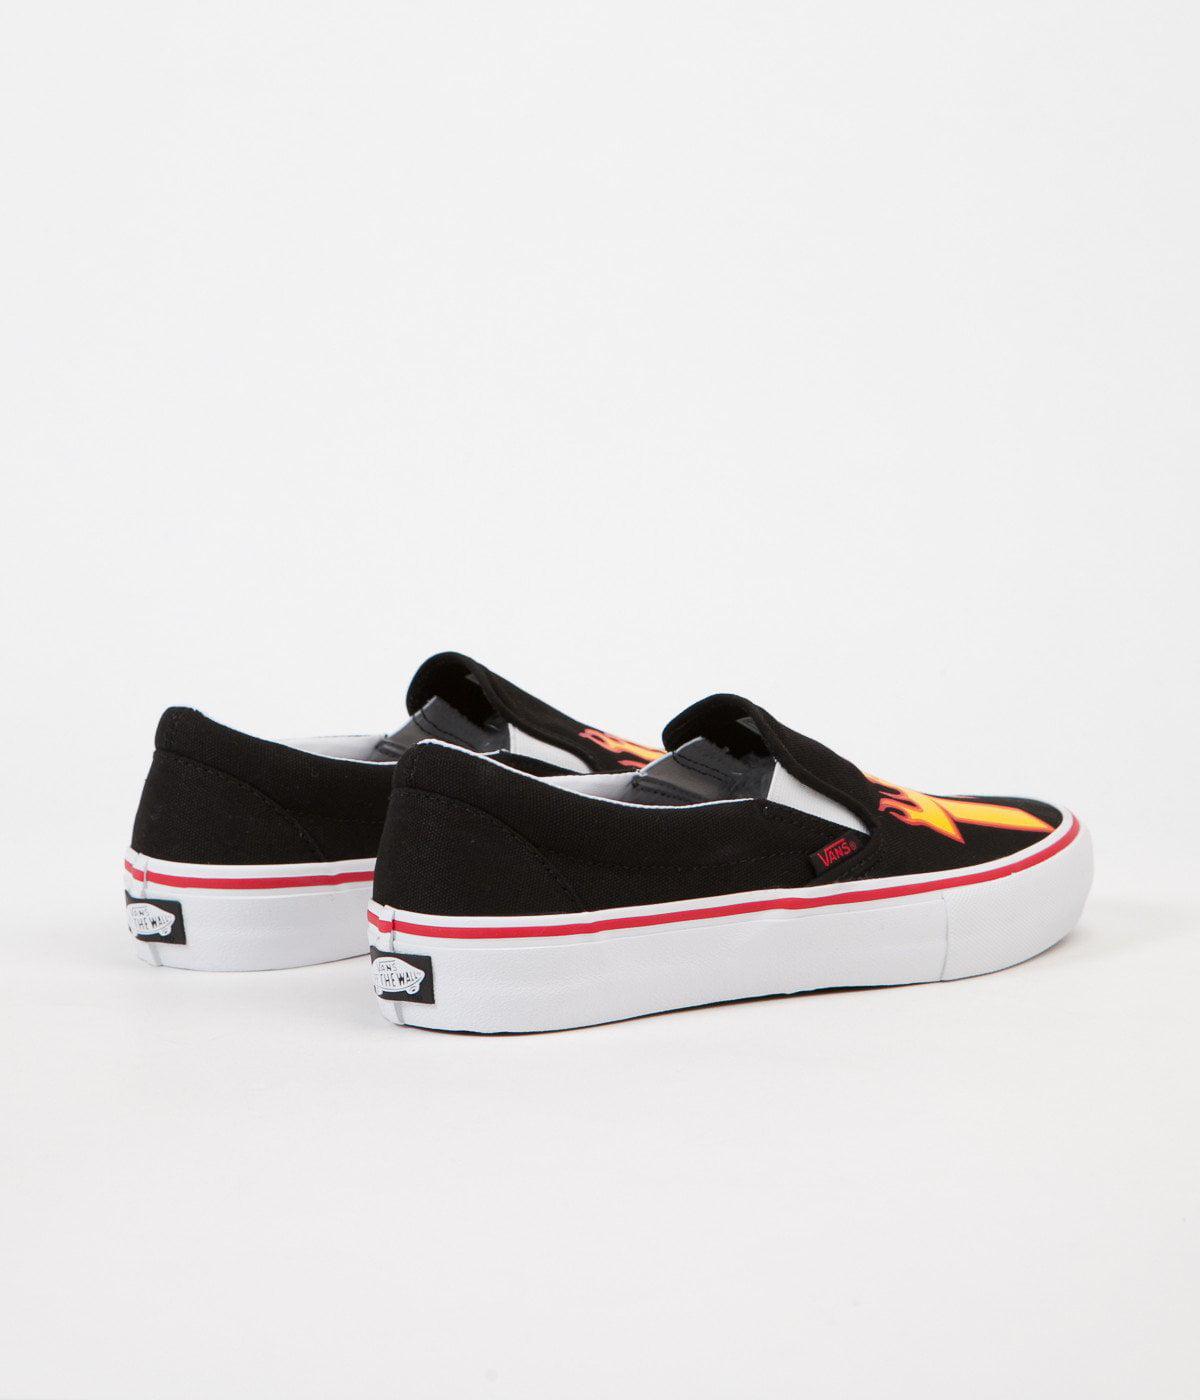 Vans x Thrasher Slip-On Pro (Thrasher Black) Men's Skate Shoes-11.5